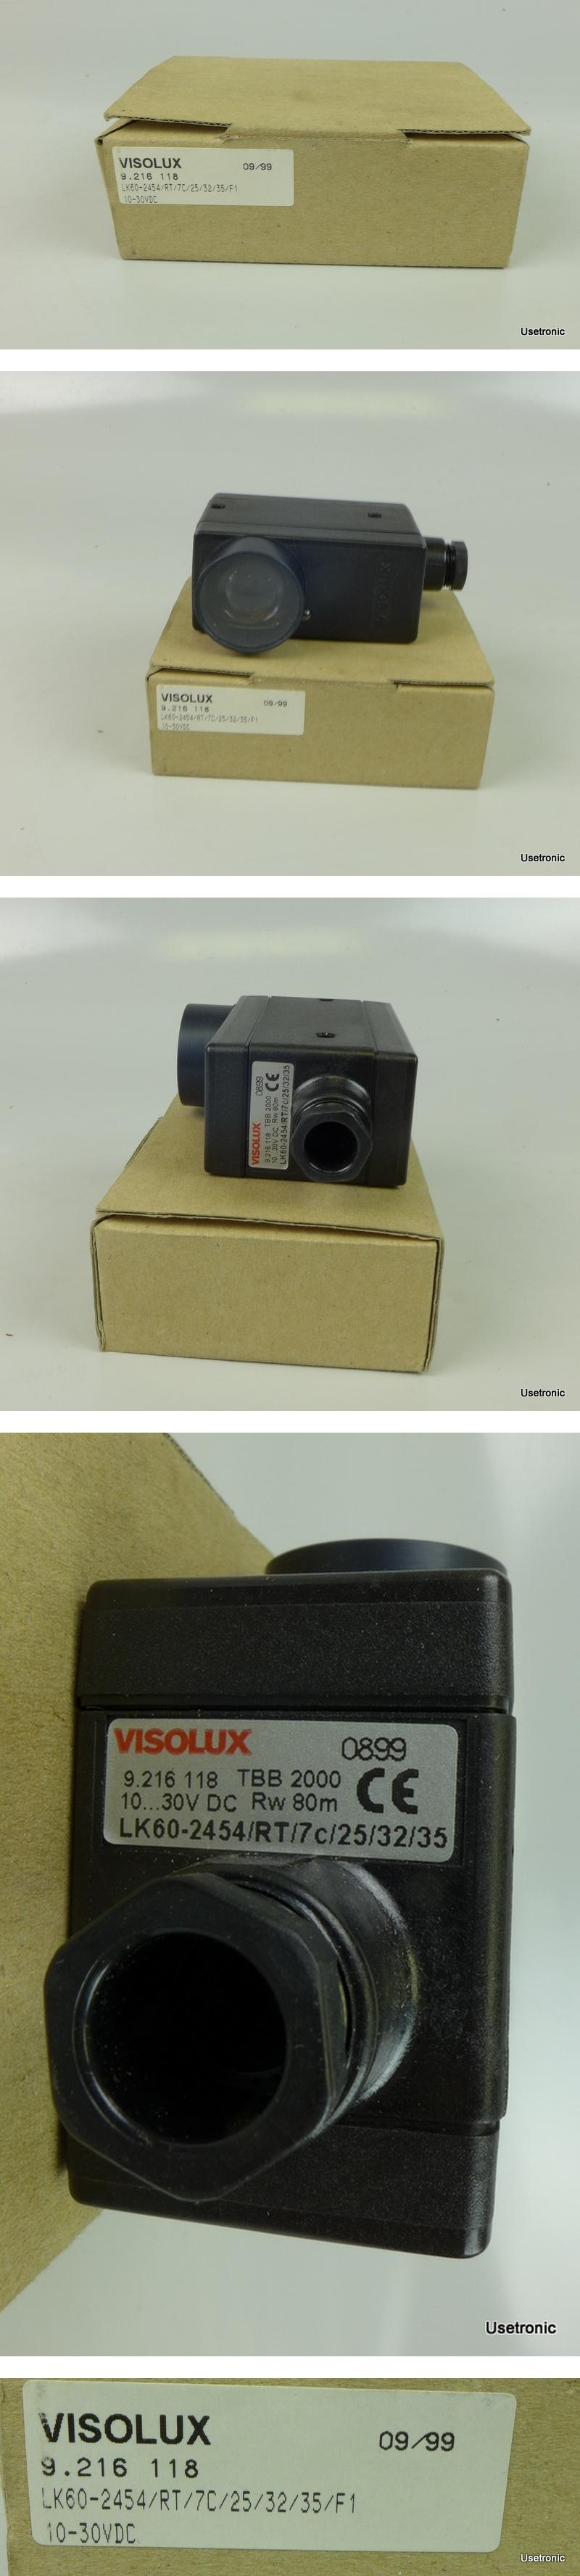 Pepperl Fuchs Visolux LK60-2554